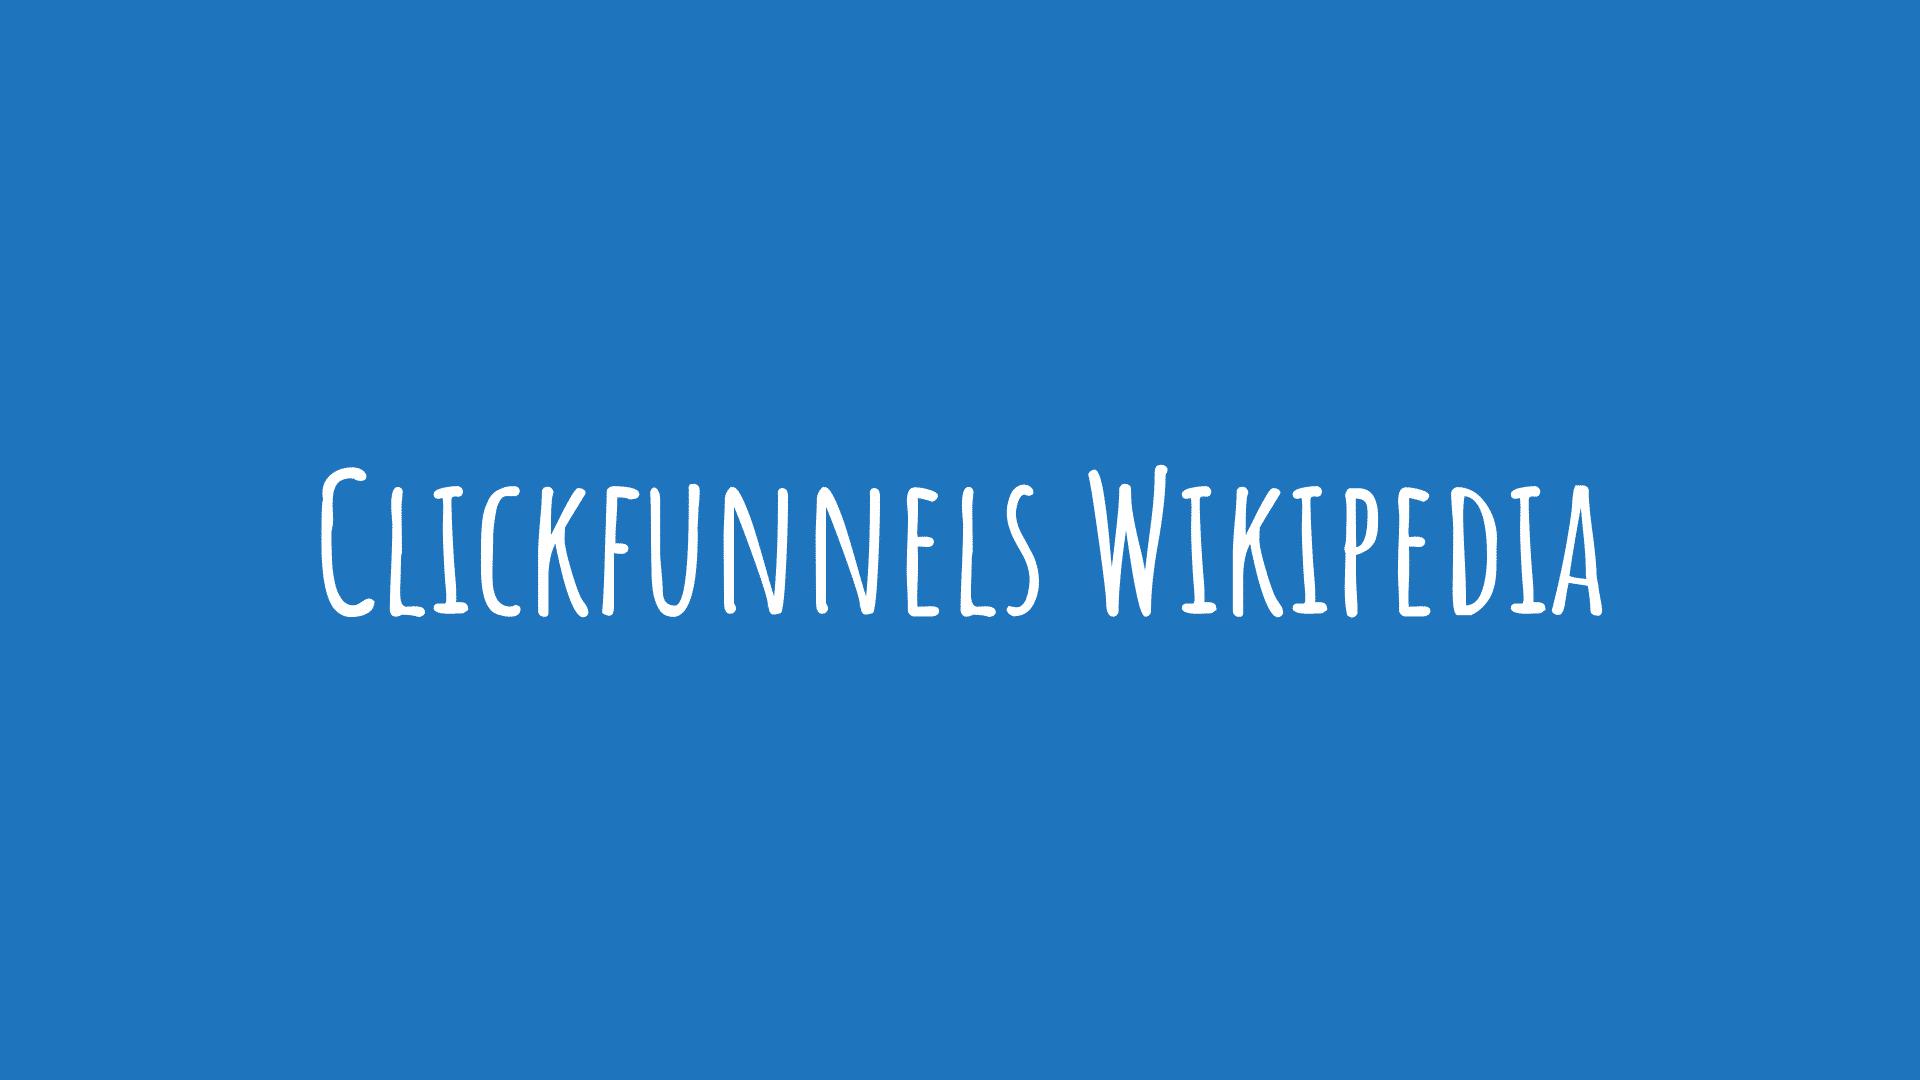 Clickfunnels Wikipedia